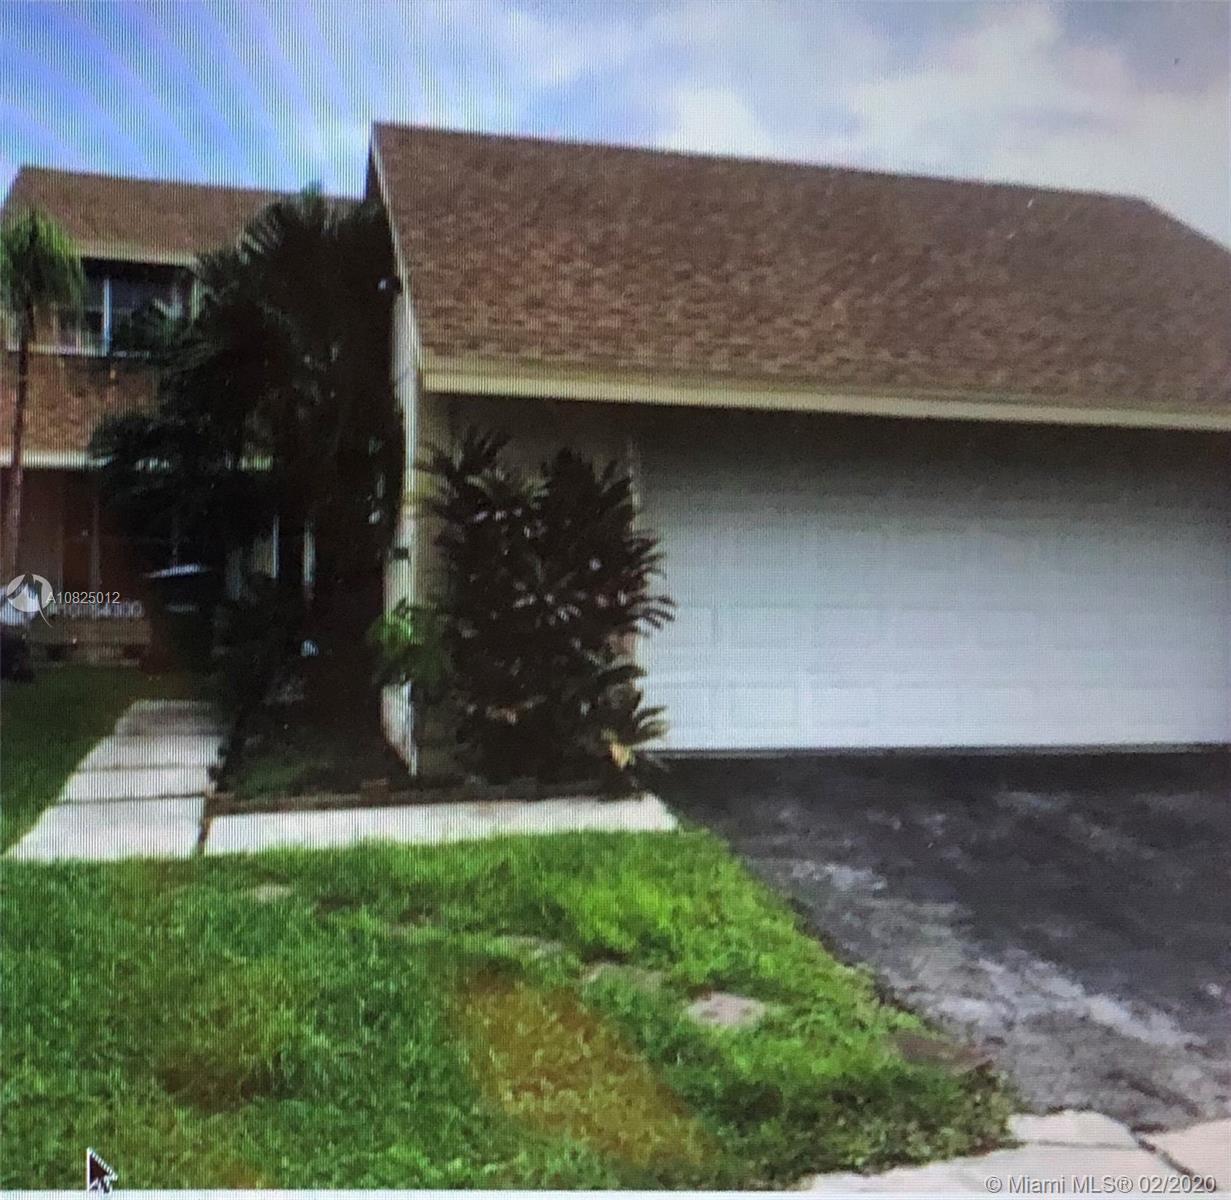 1429 Kittiwake Ct, Homestead, FL 33035 - Homestead, FL real estate listing